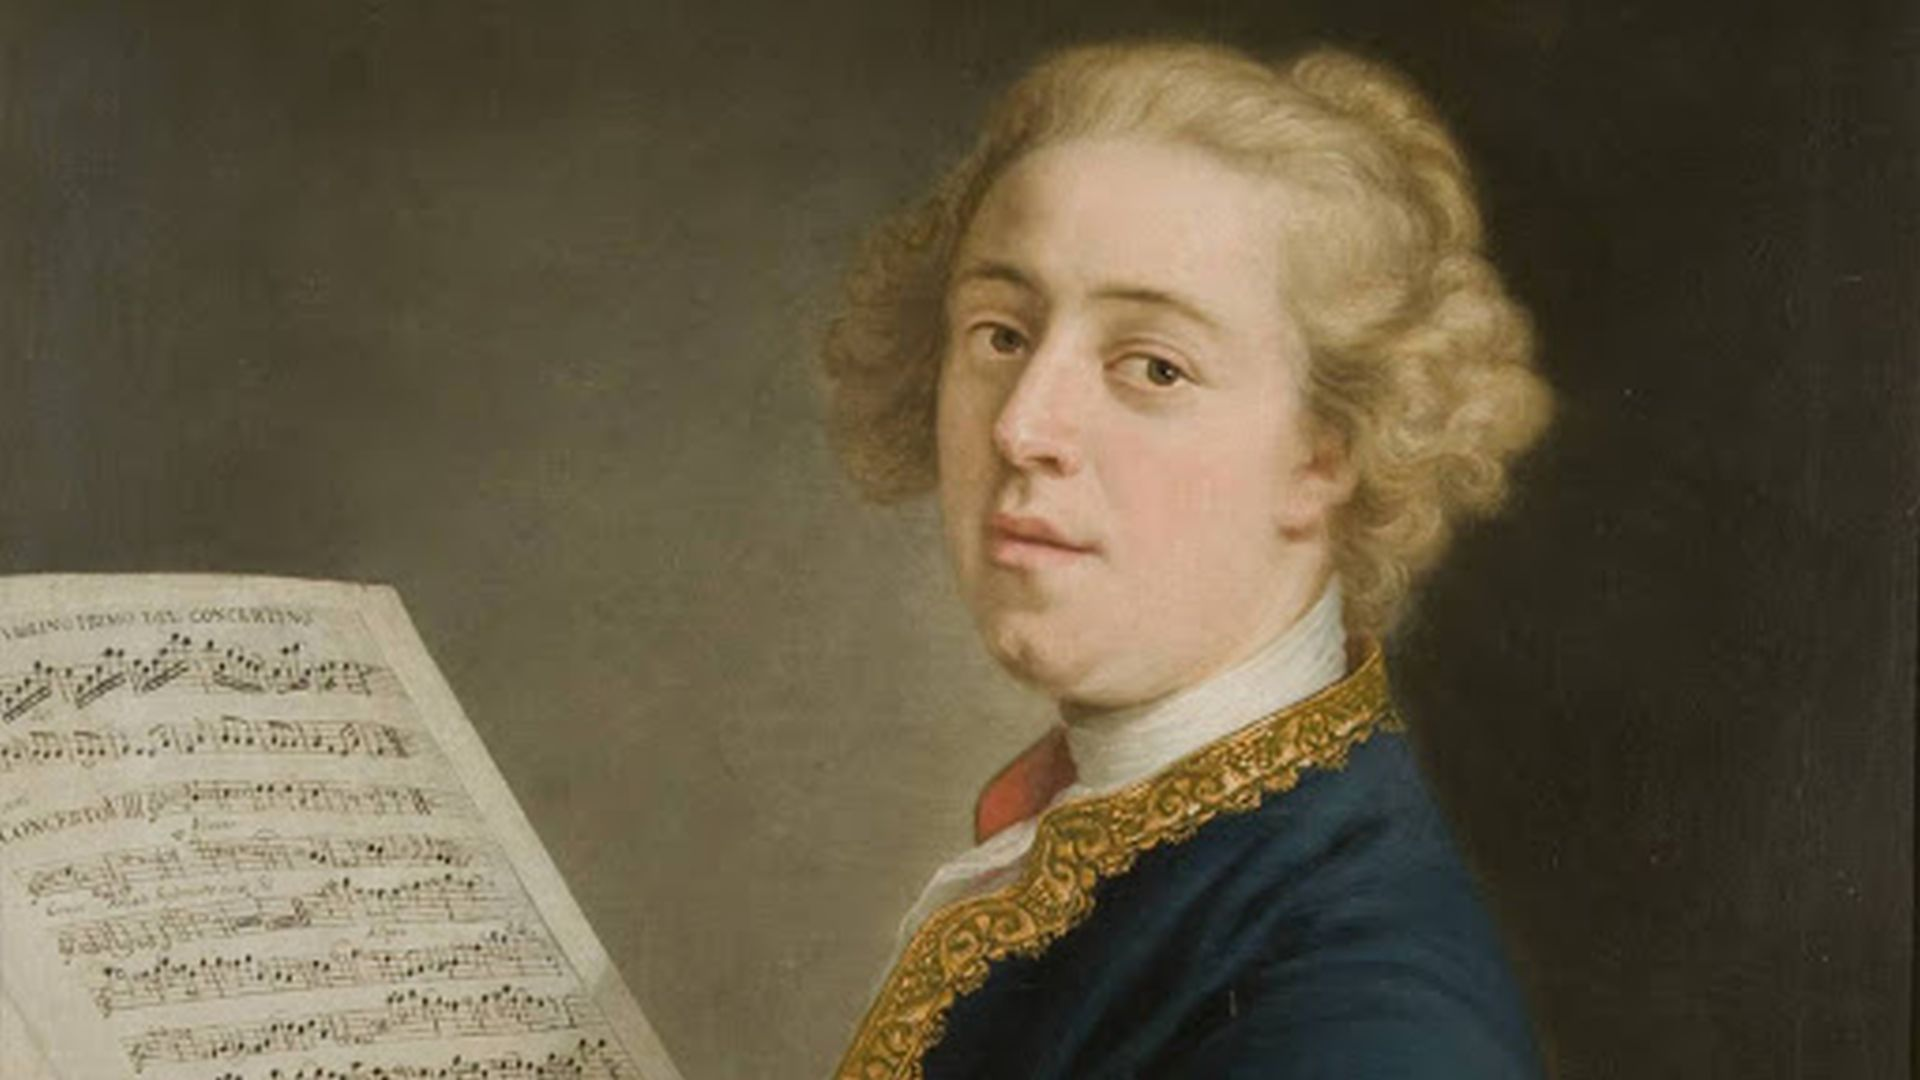 ritratto di Francesco Xaverio Geminiani